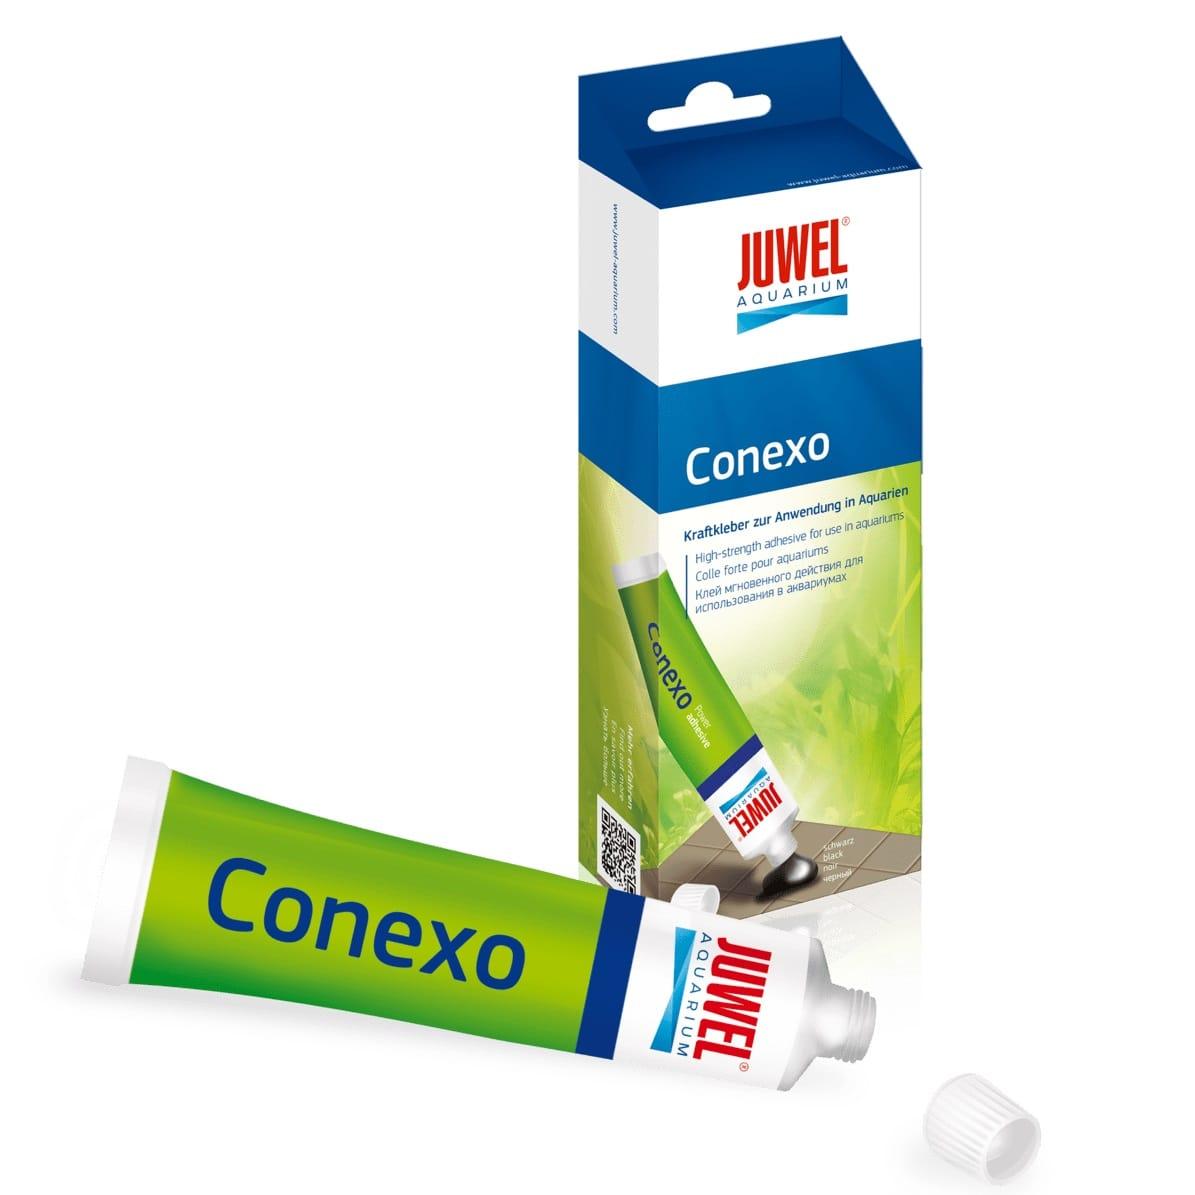 JUWEL Conexo 80 ml colle de fixation forte pour decors et autres